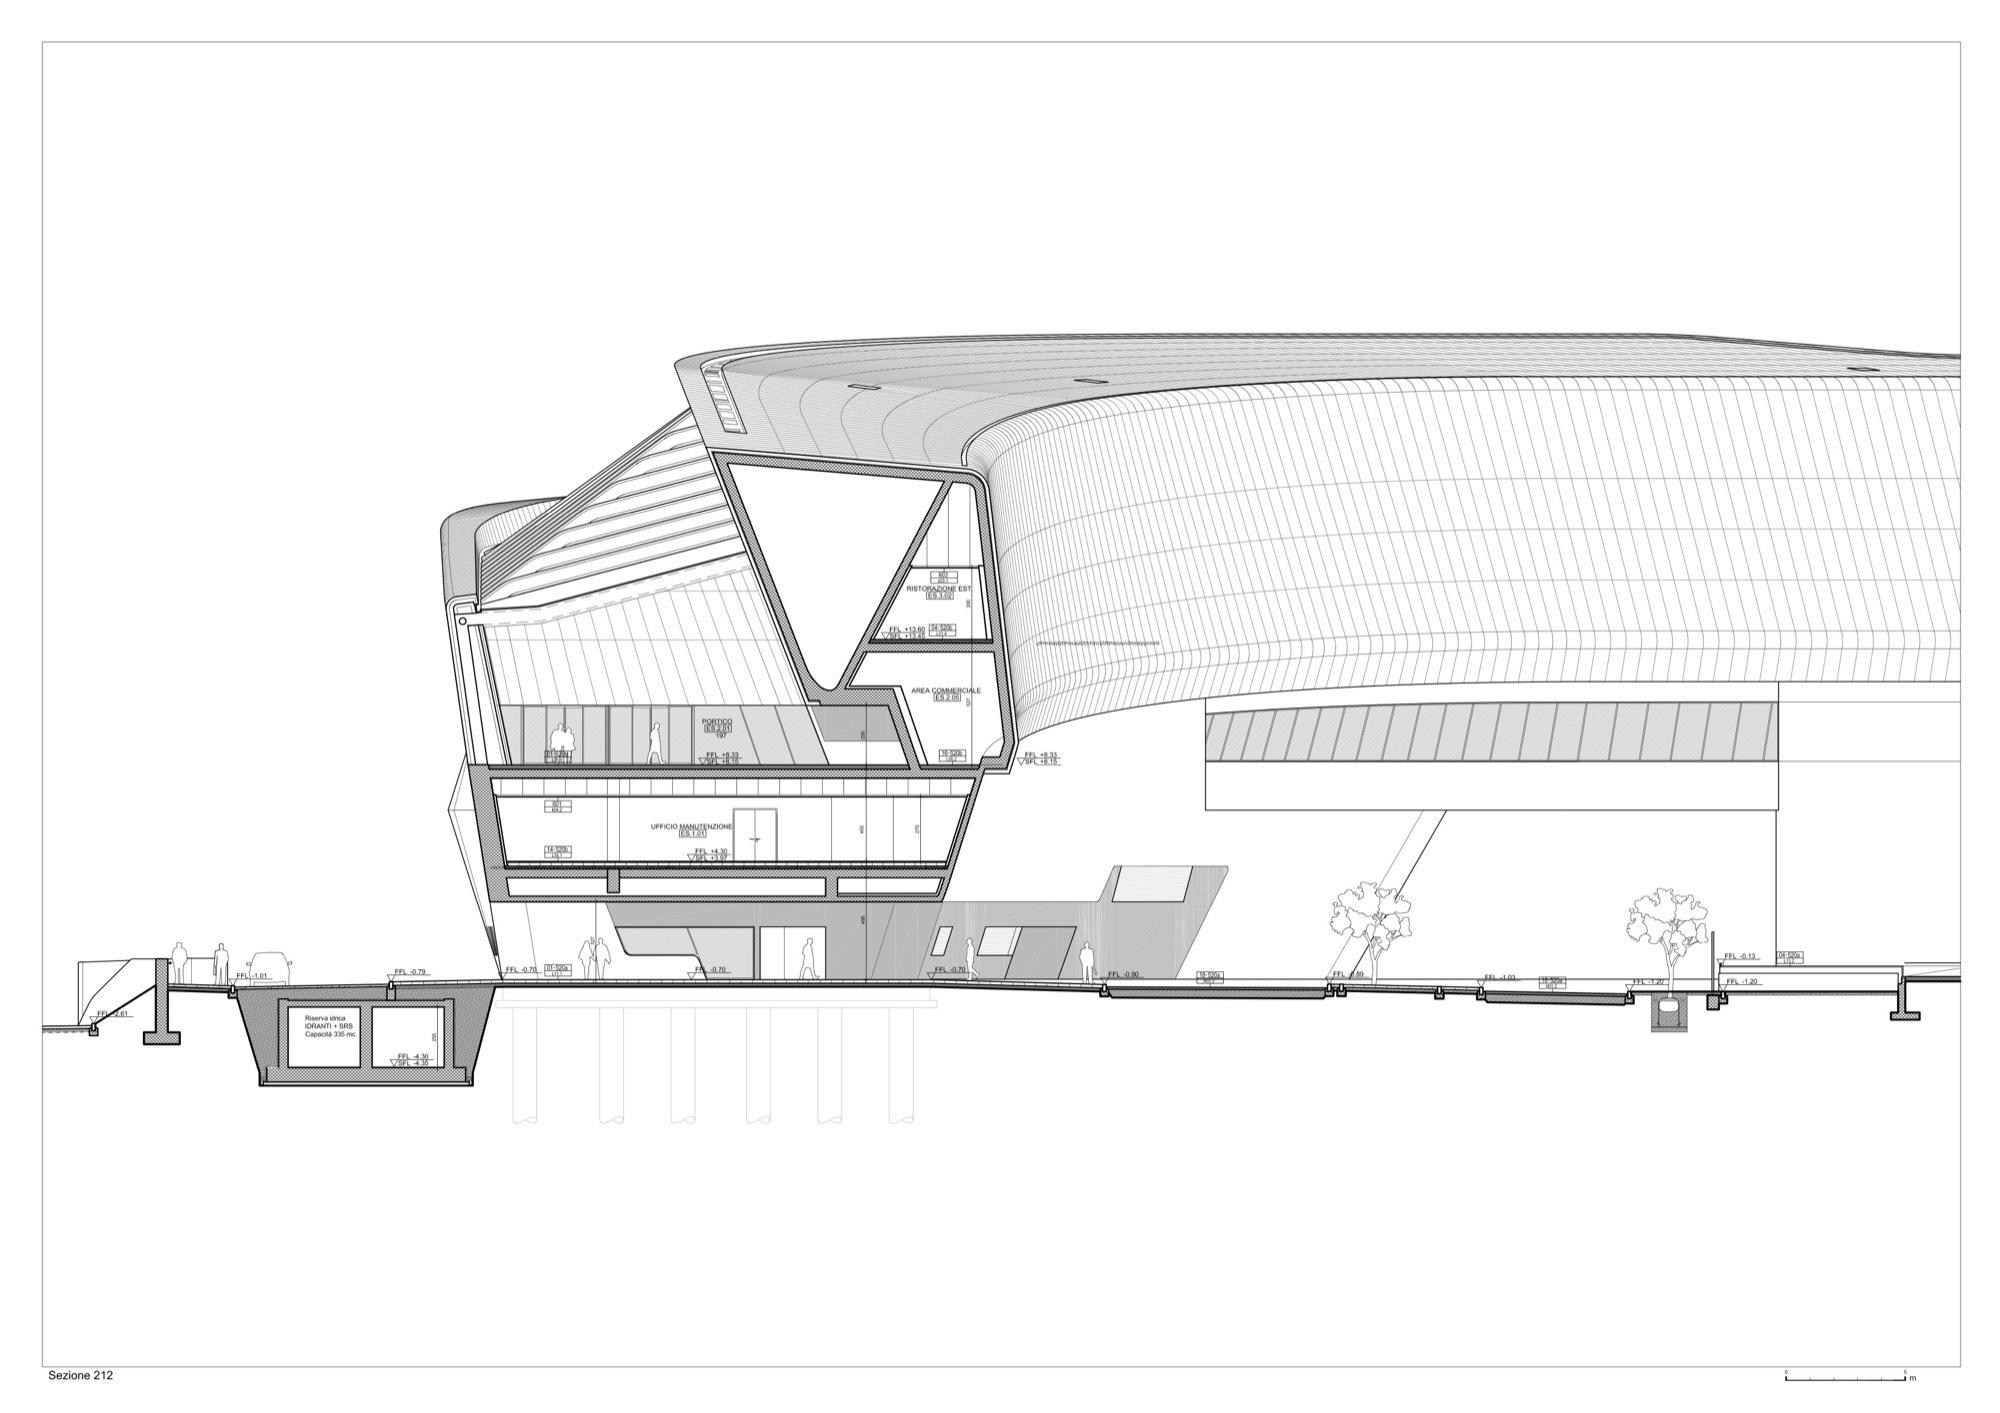 Technical Drawing Floor Plan Galeria De Esta 231 227 O De Napoli Afragola Fase 1 Zaha